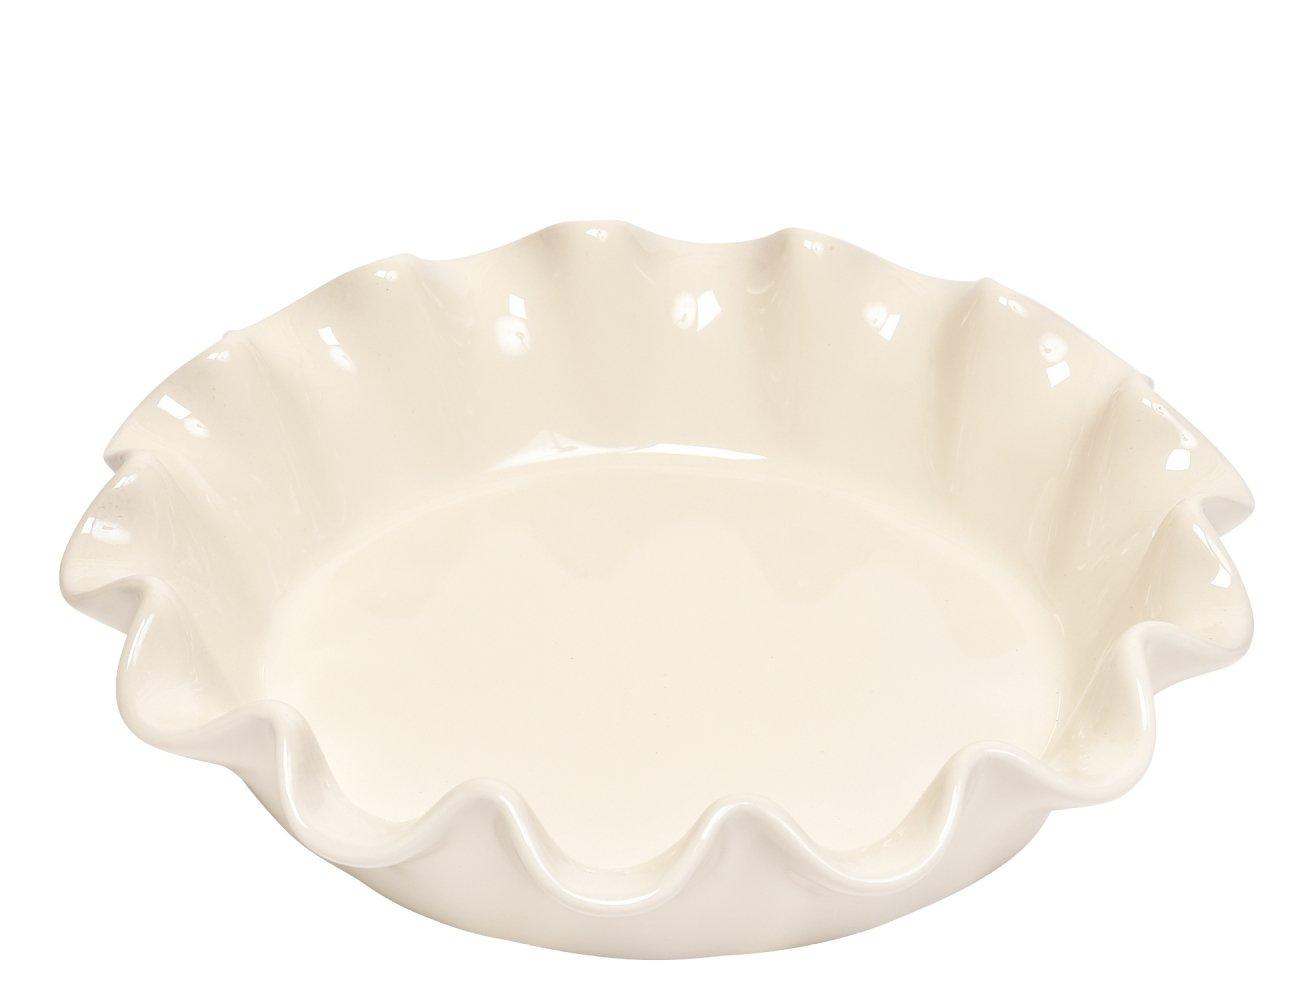 Форма для фруктового пирога Emile Henry 26,5 см (цвет: крем)